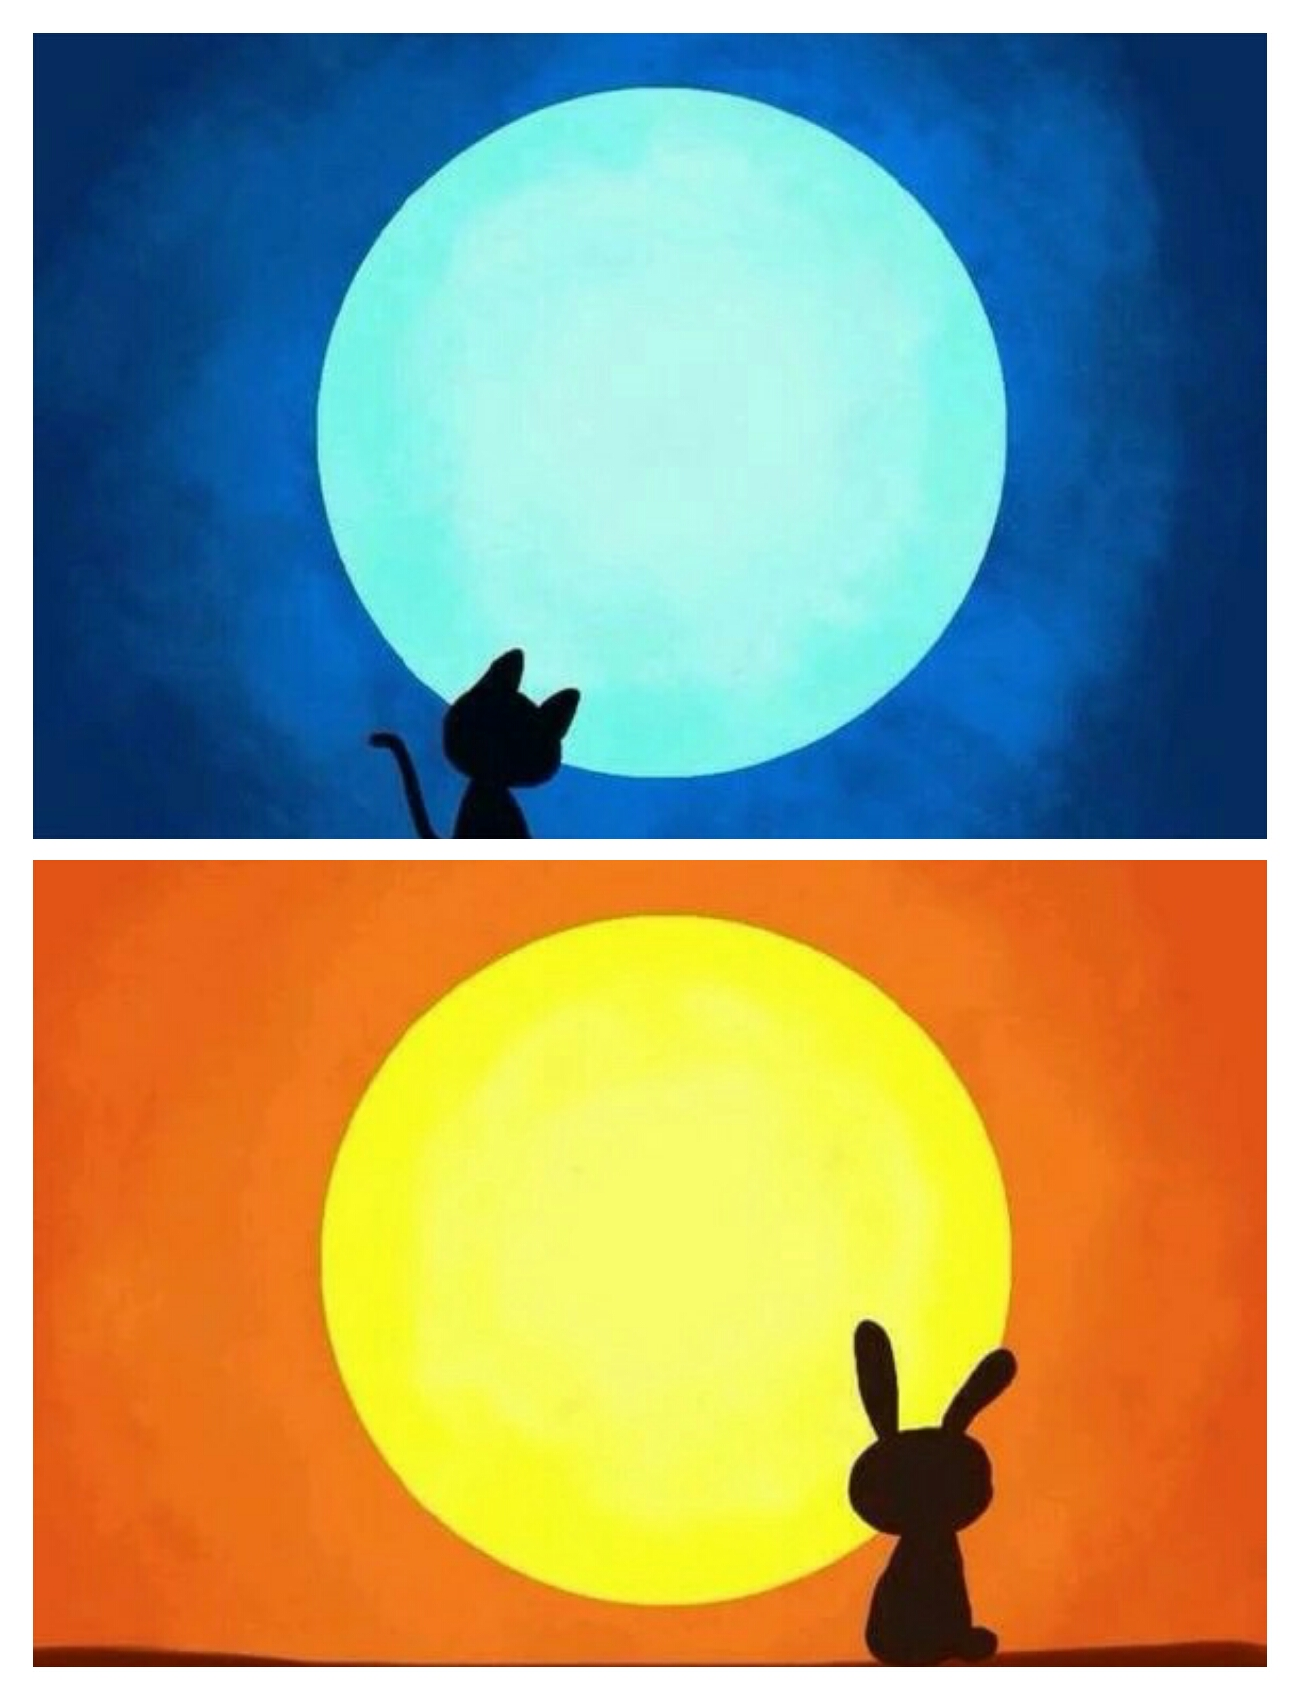 梦见天上太阳和月亮